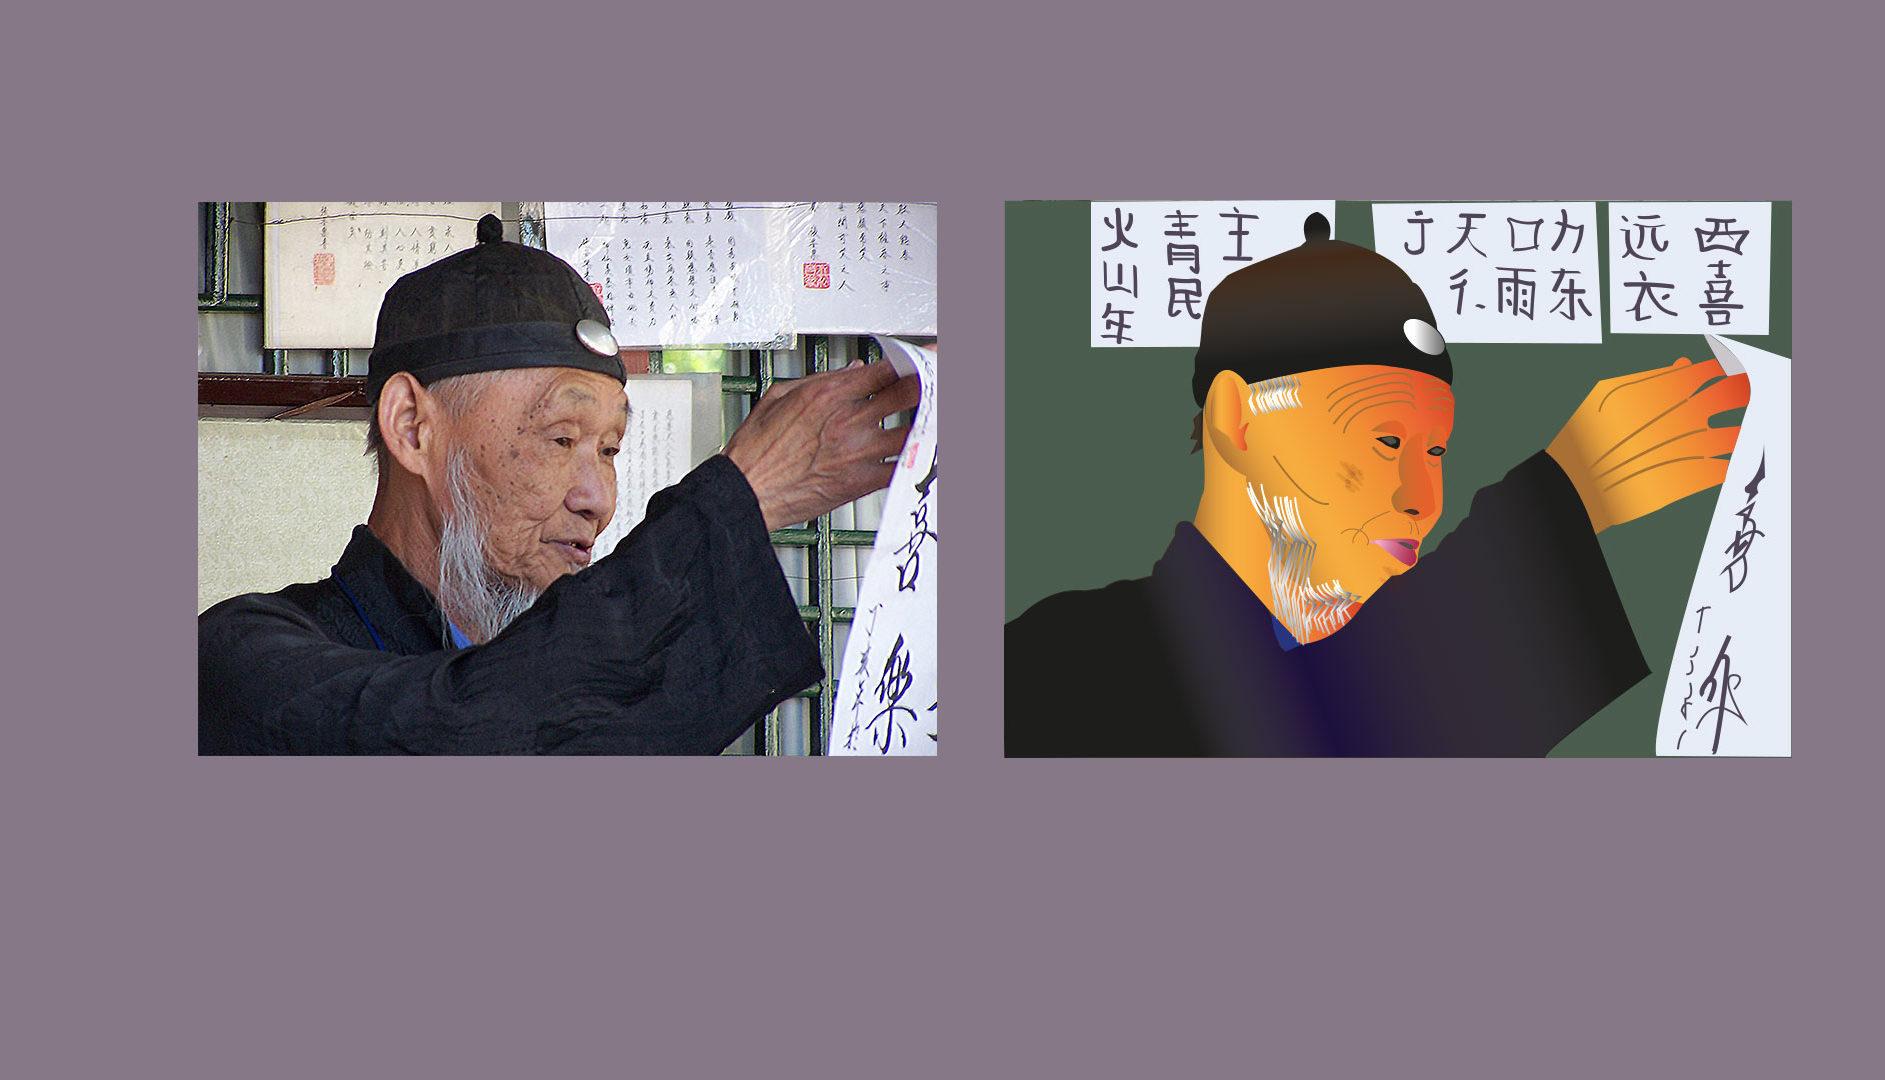 Chinois au Palais d'été de Pékin - Image vectorielle d'après photographie